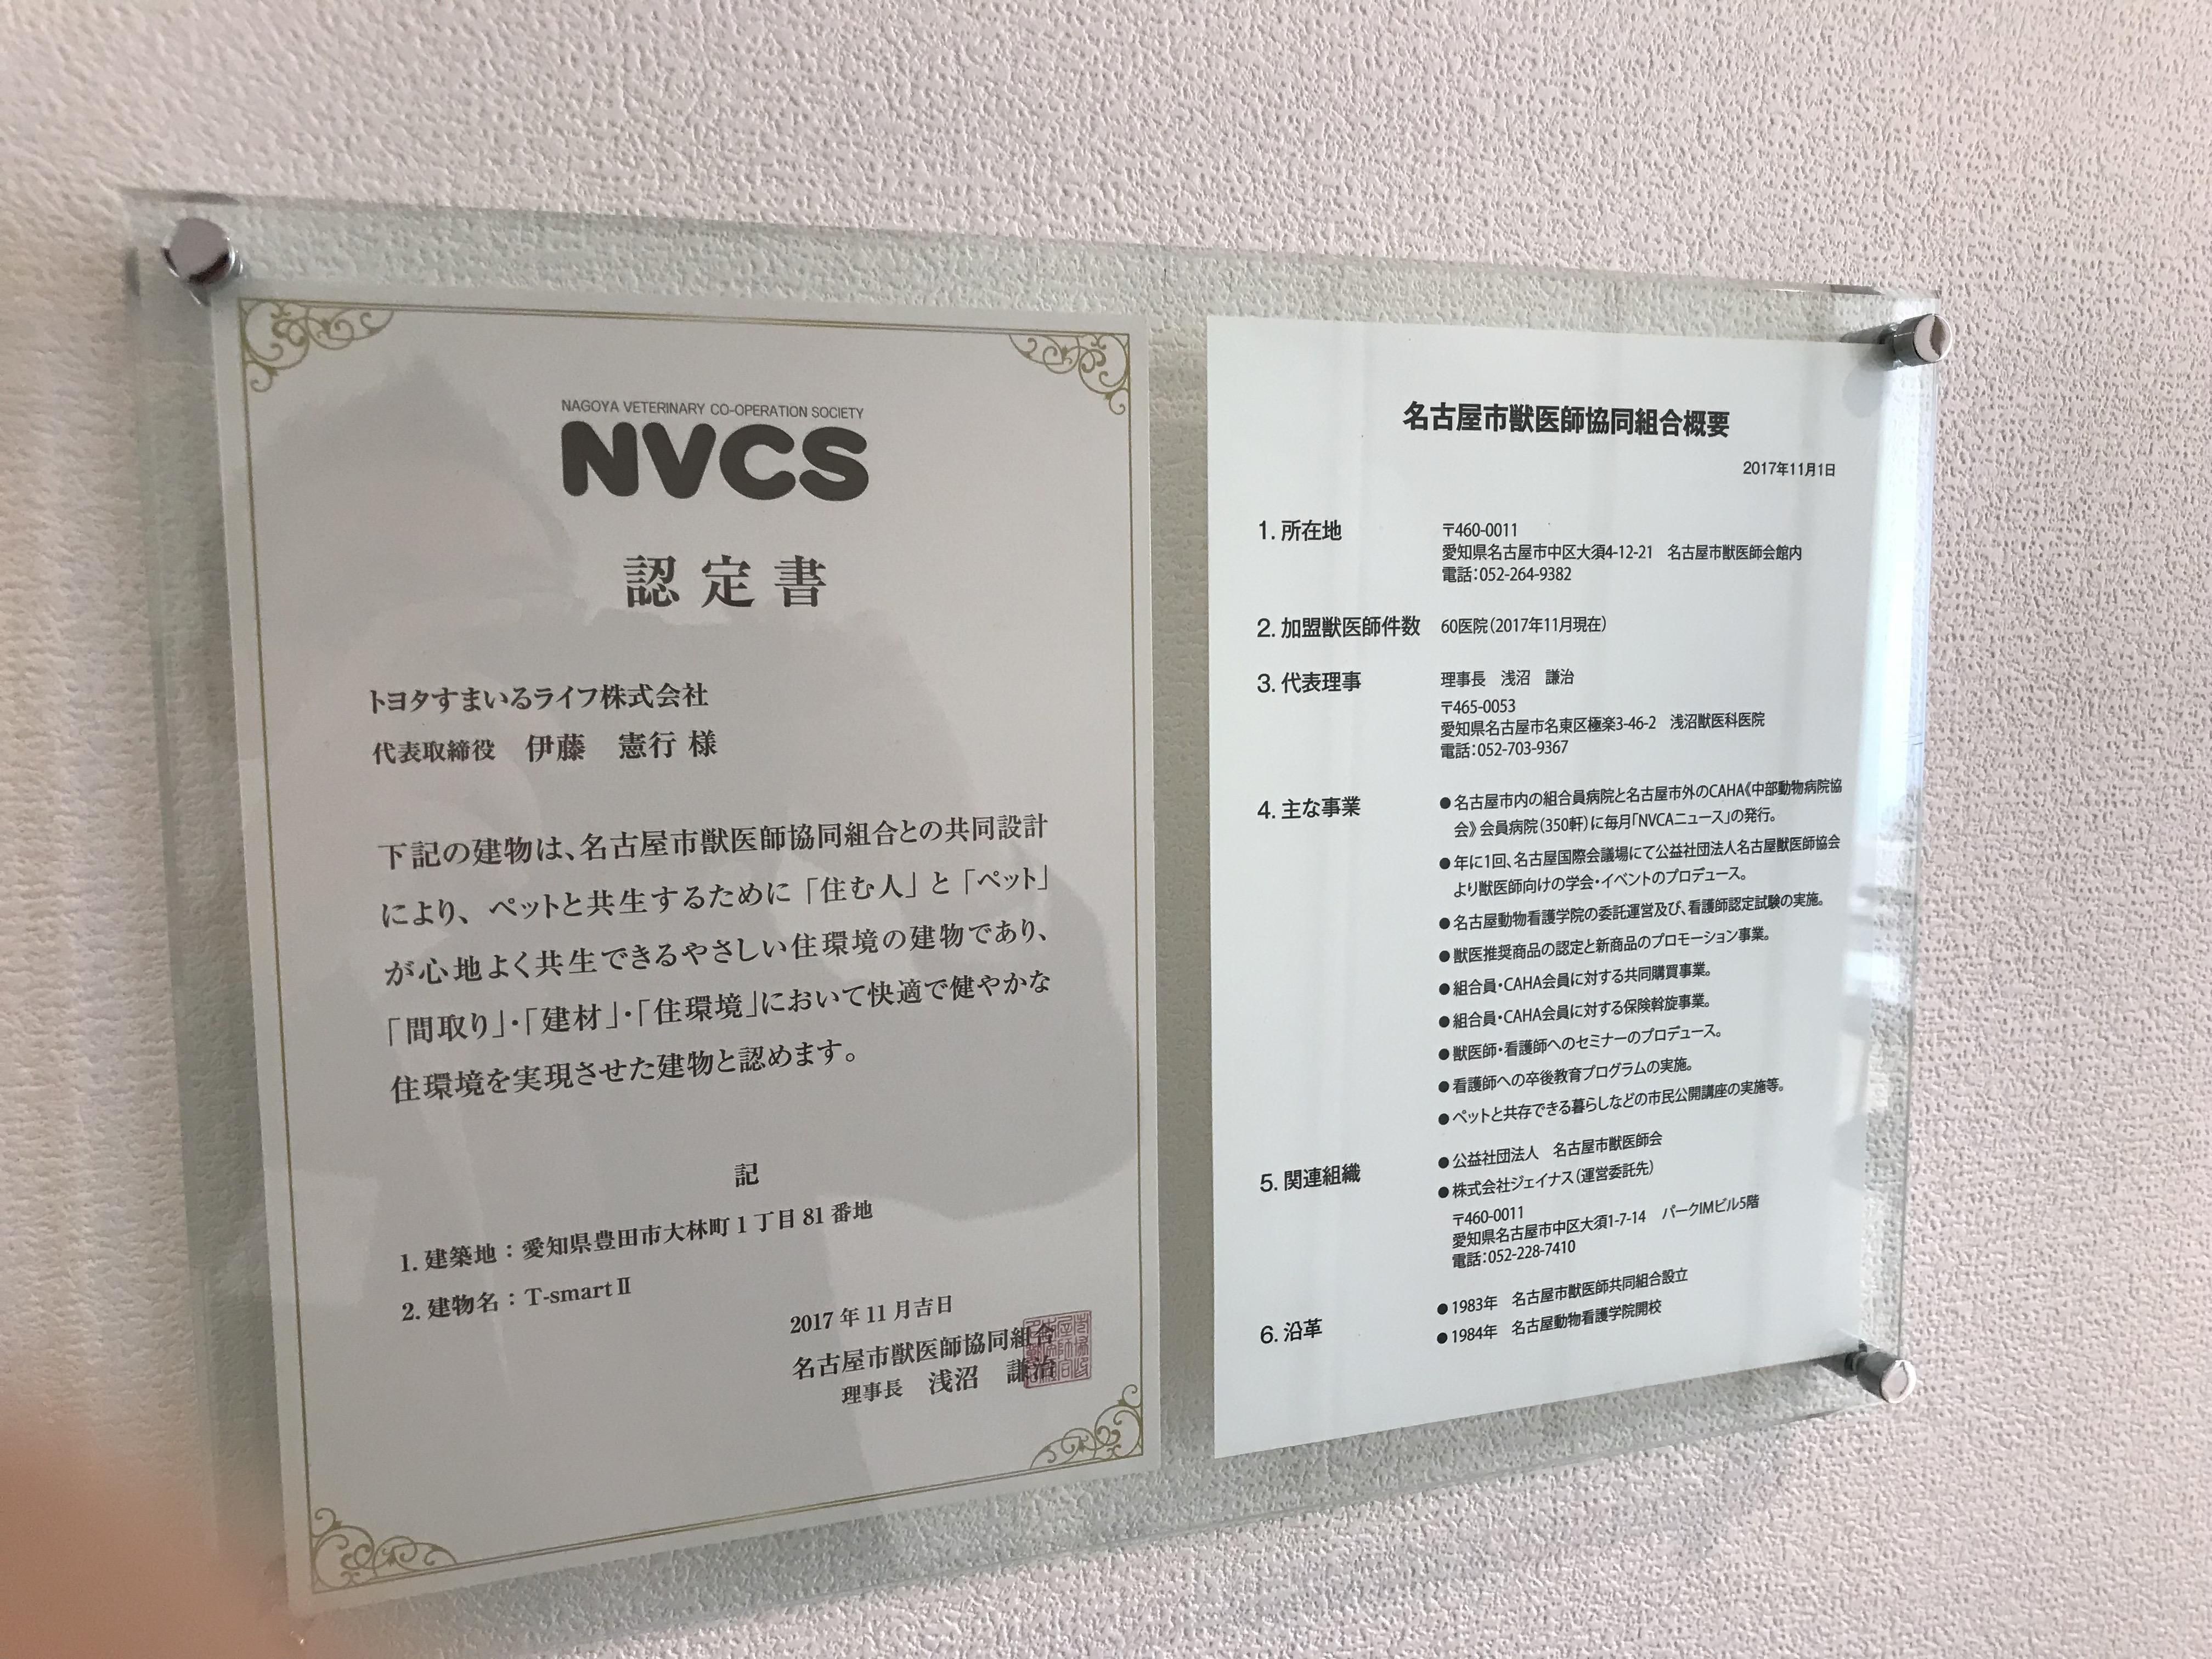 nvcs1090